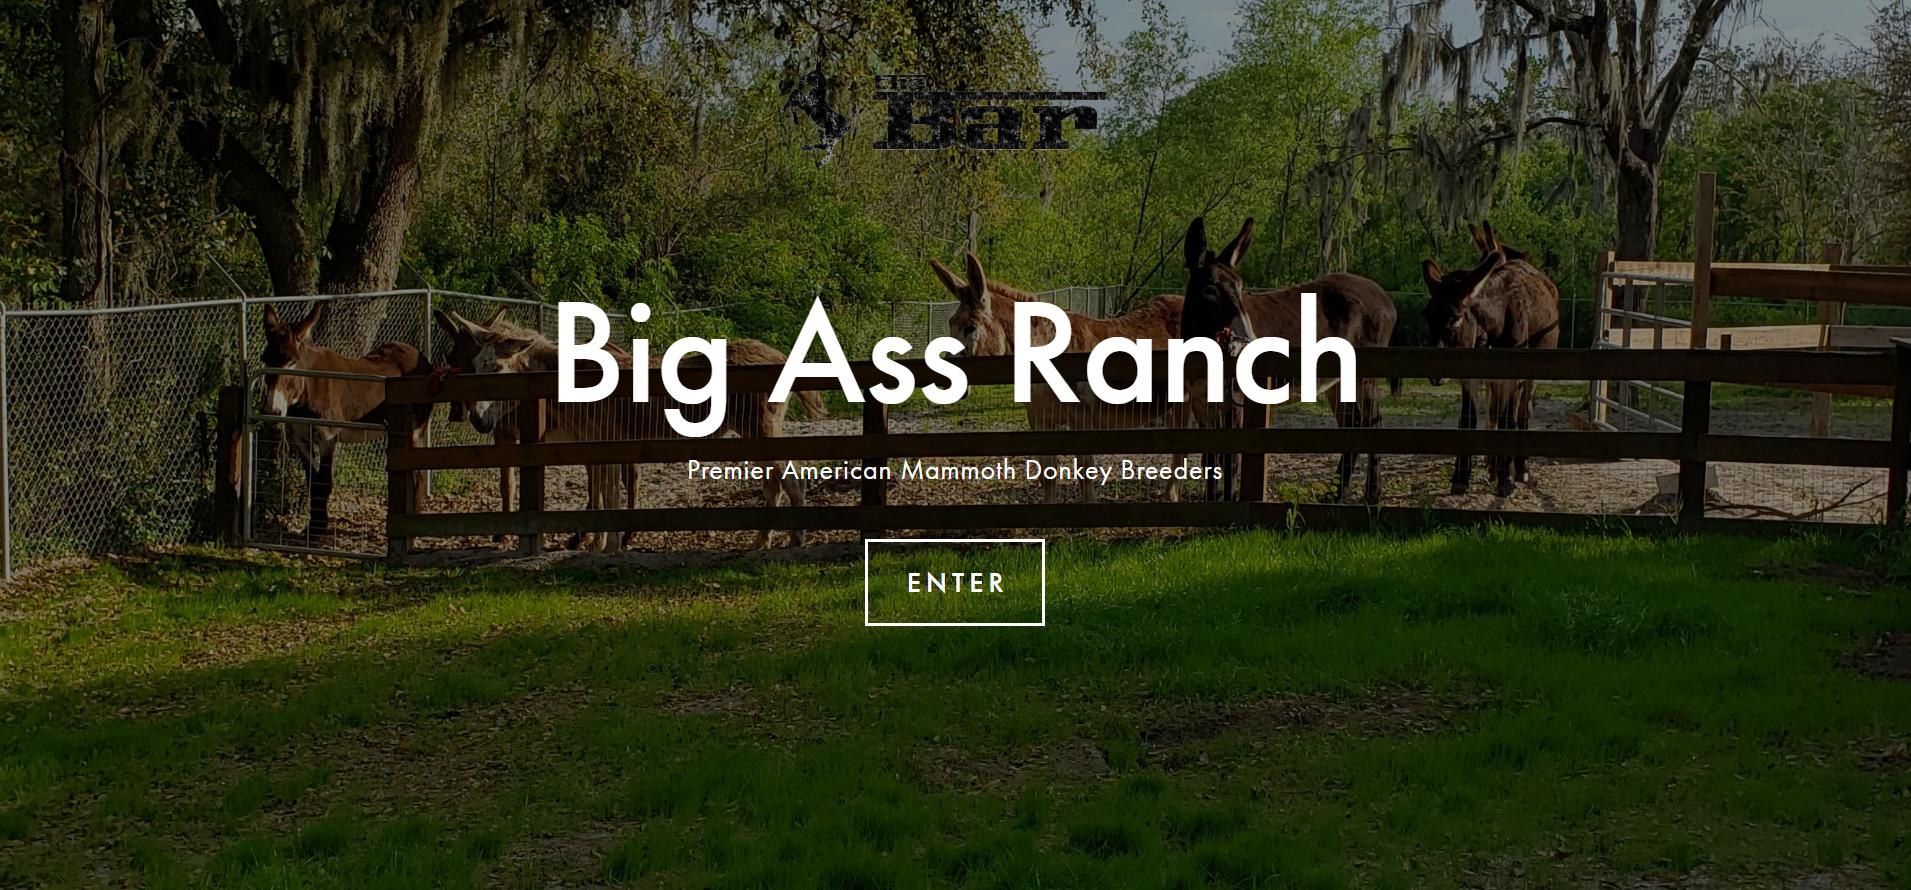 The Big Ass Ranch